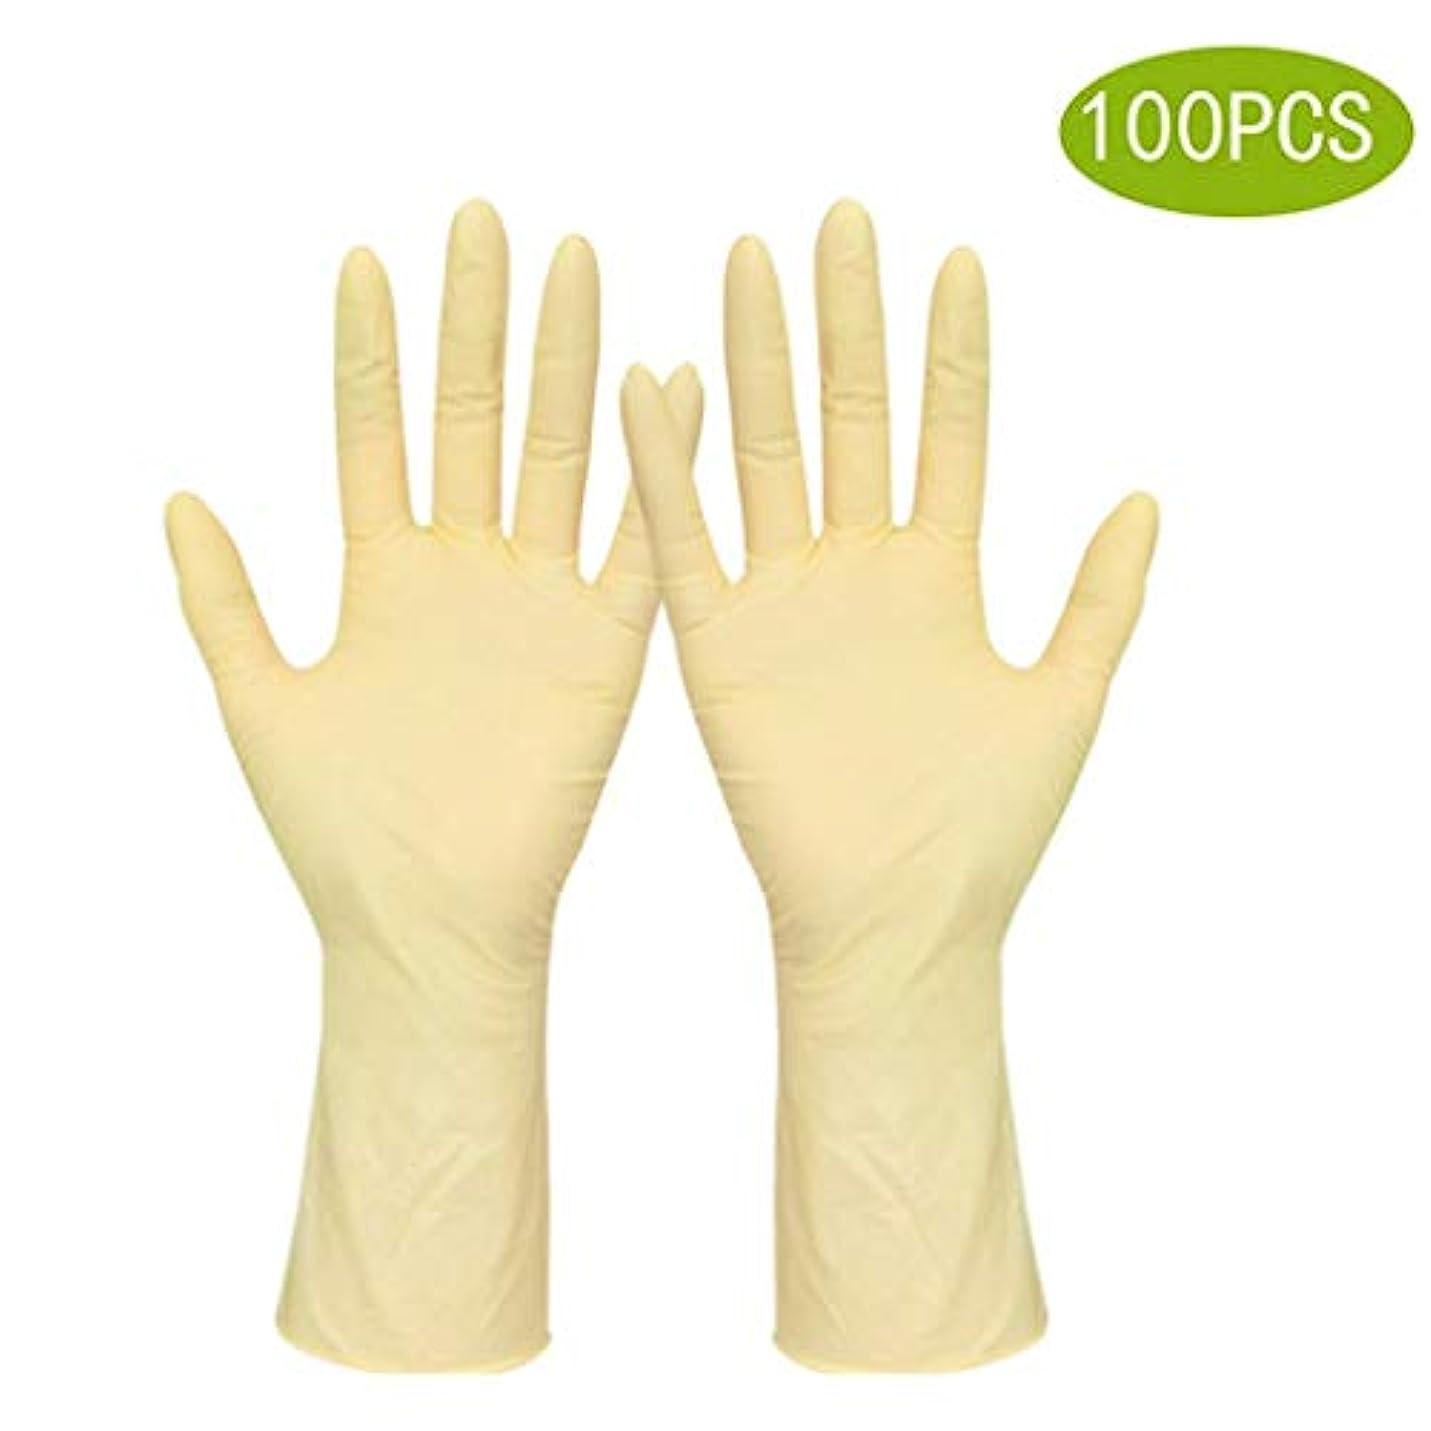 小道変更可能ケントラテックス手袋4ミル使い捨て手袋 - 試験グレード、パウダーフリー、テクスチャード加工、非滅菌、小、100個入り (Size : S)